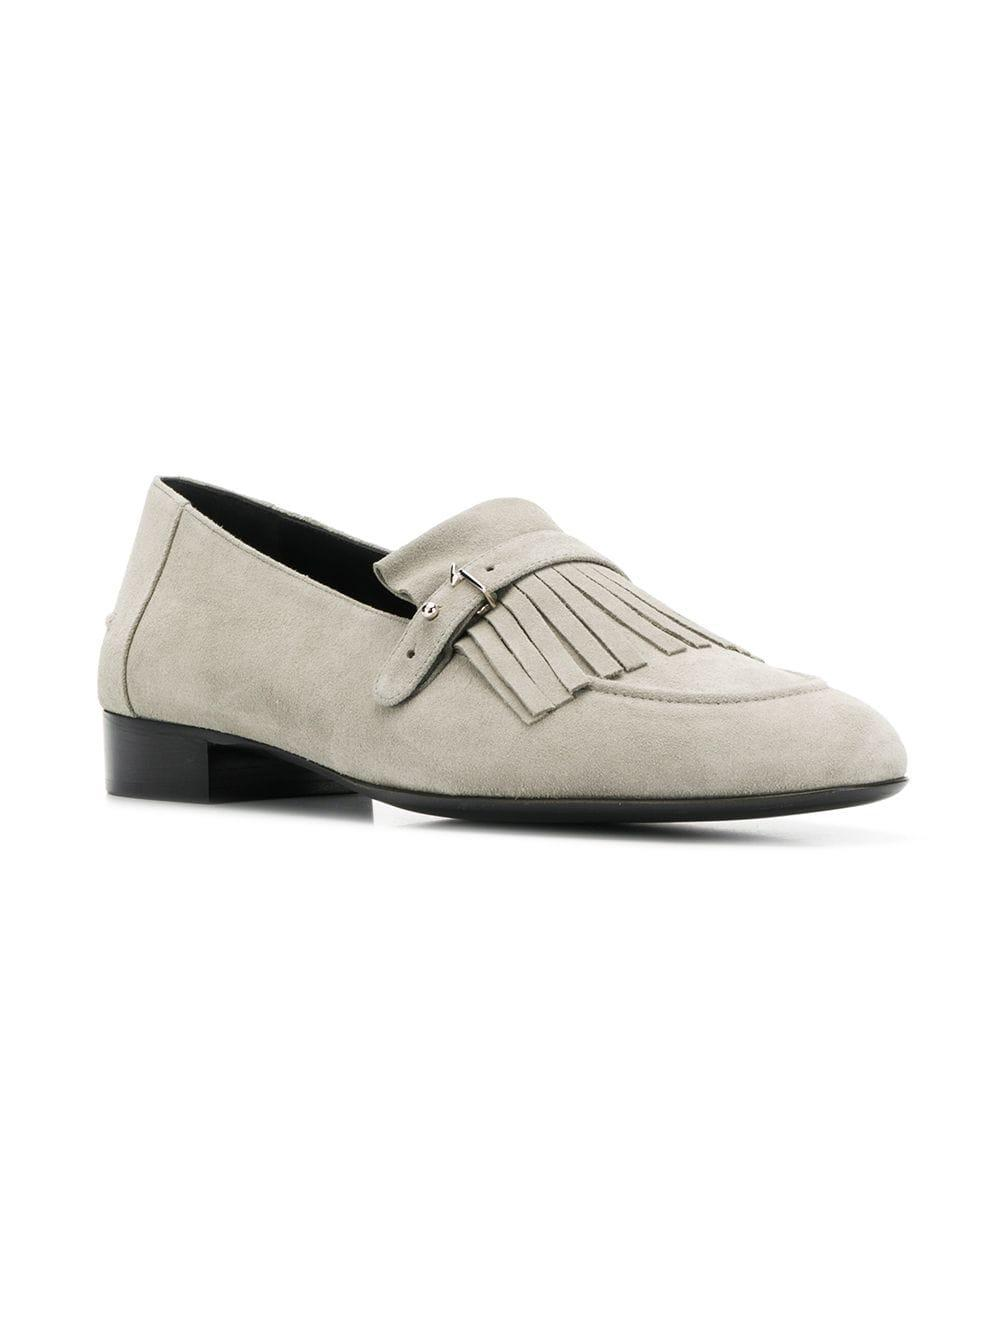 2cb9413d385 Giuseppe Zanotti - Gray Fringe Detail Loafers for Men - Lyst. View  fullscreen